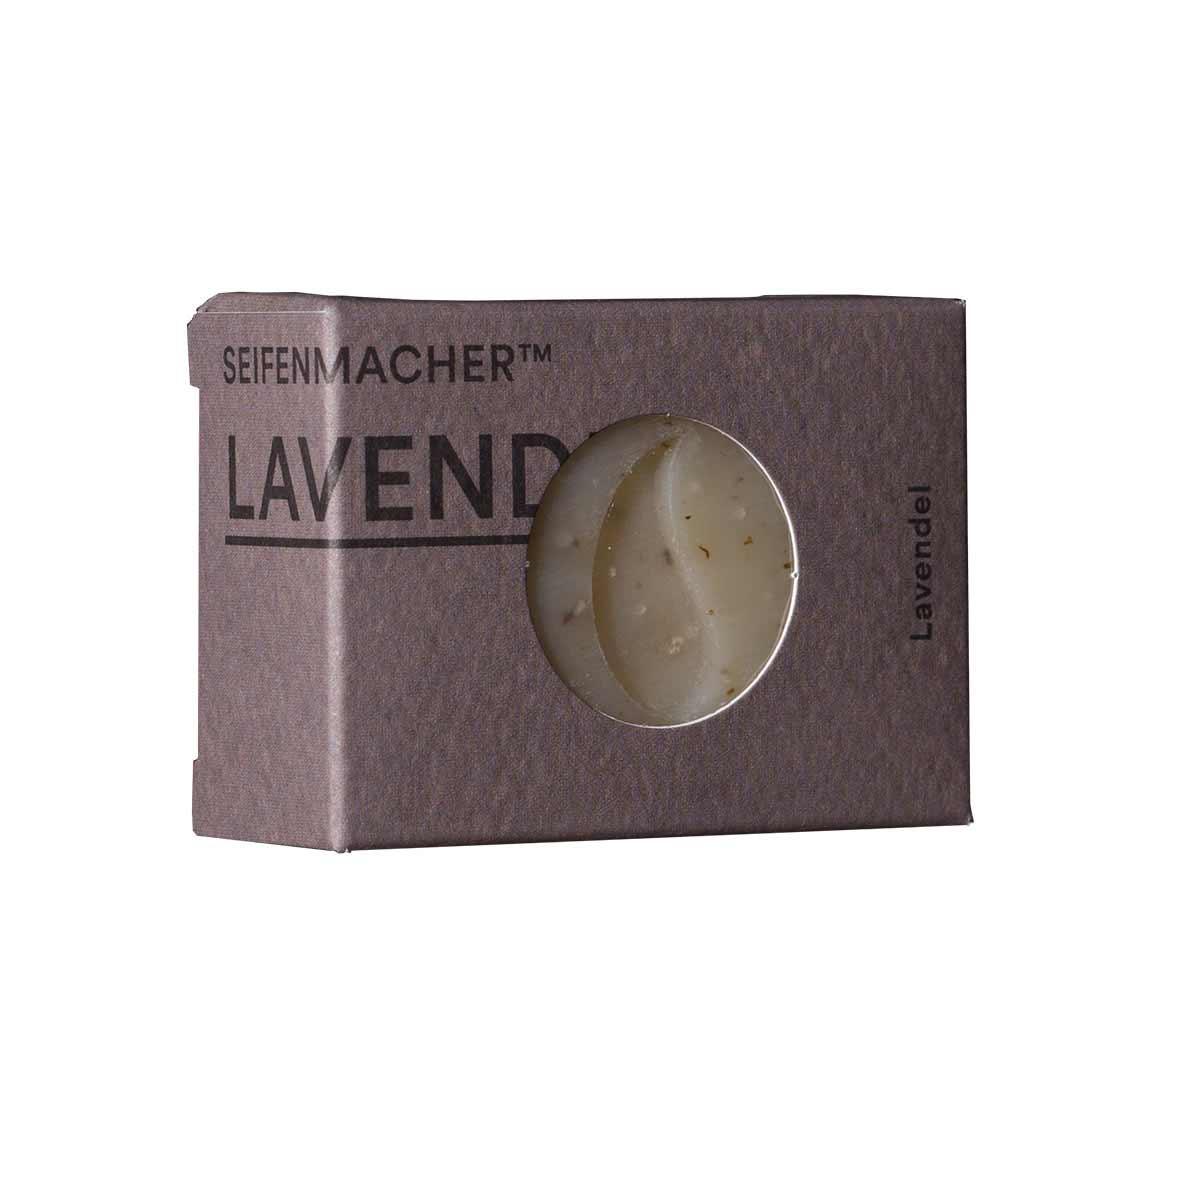 Handgemachte Naturseife mit Lavendel